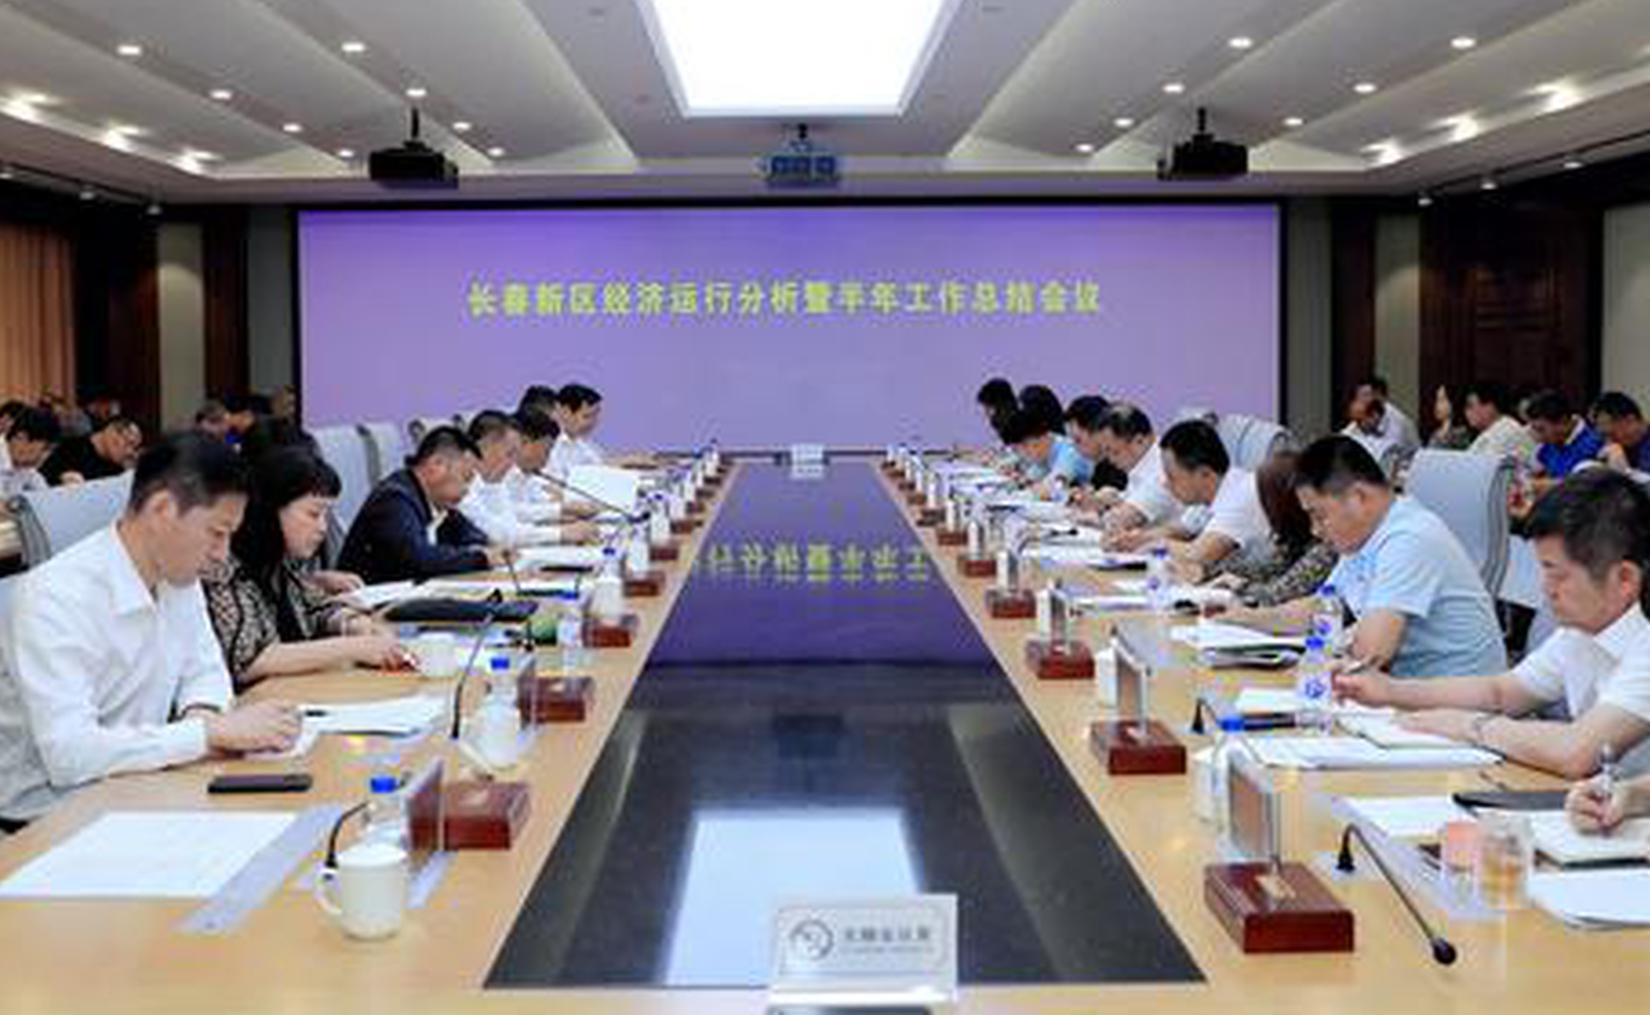 长春新区召开经济运行分析暨上半年工作总结会议